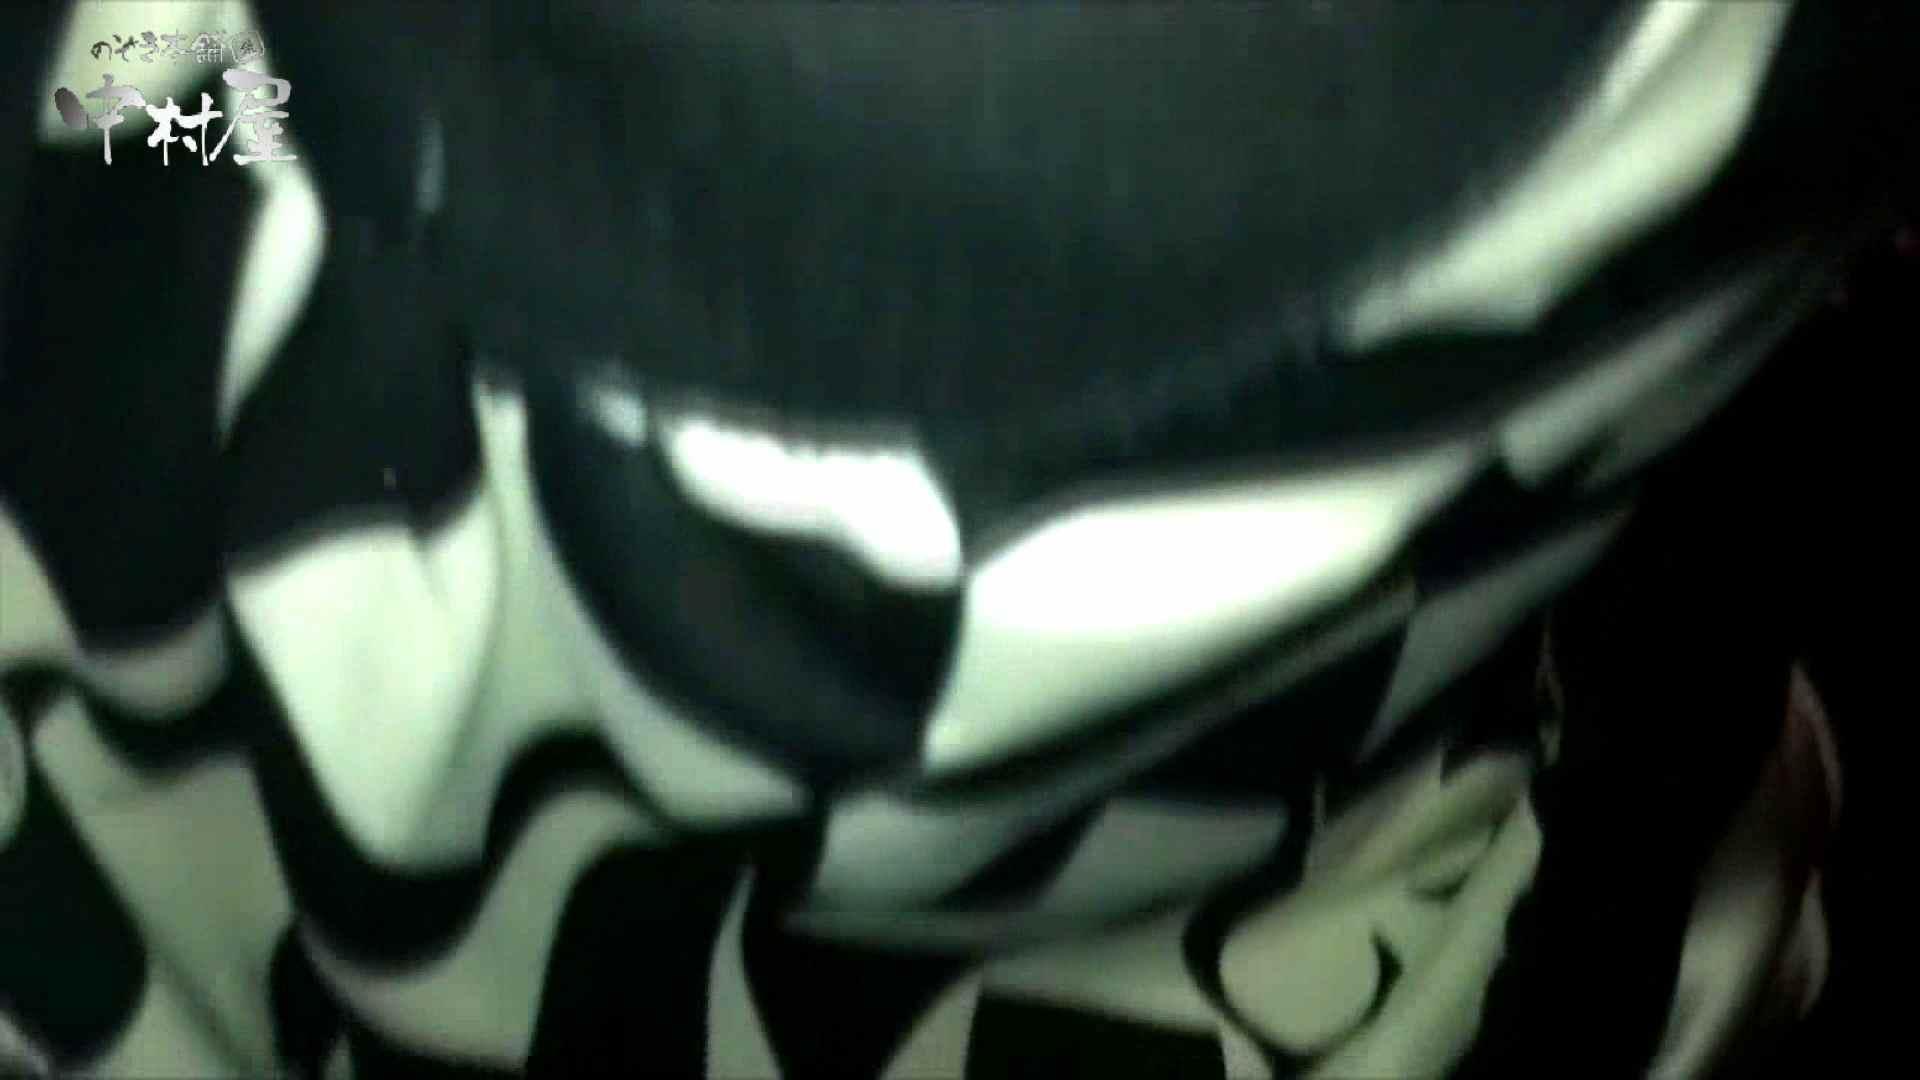 欲望 リアルドール Case.14 Yちゃん女子大生 二回目登場 イタズラ  96pic 96